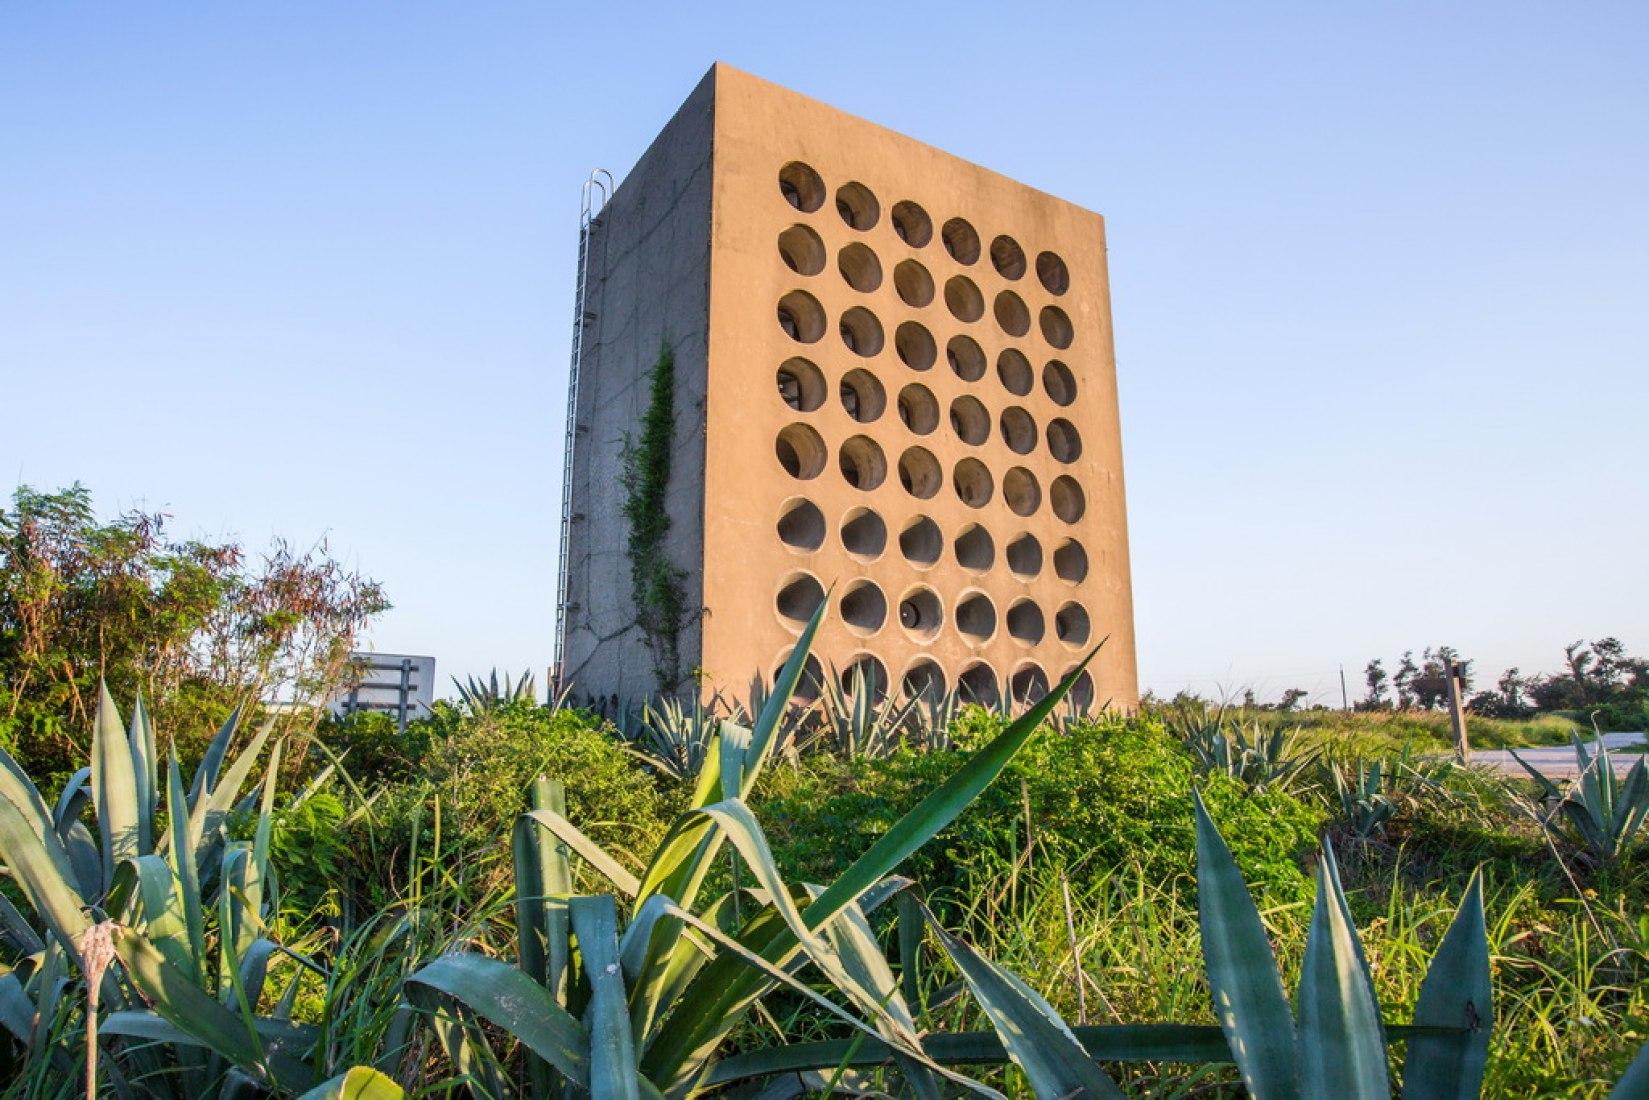 Una torre de altavoces en la estación de transmisión Beishan. Cortesía del Departamento de Turismo, Gobierno del Condado de Kinmen